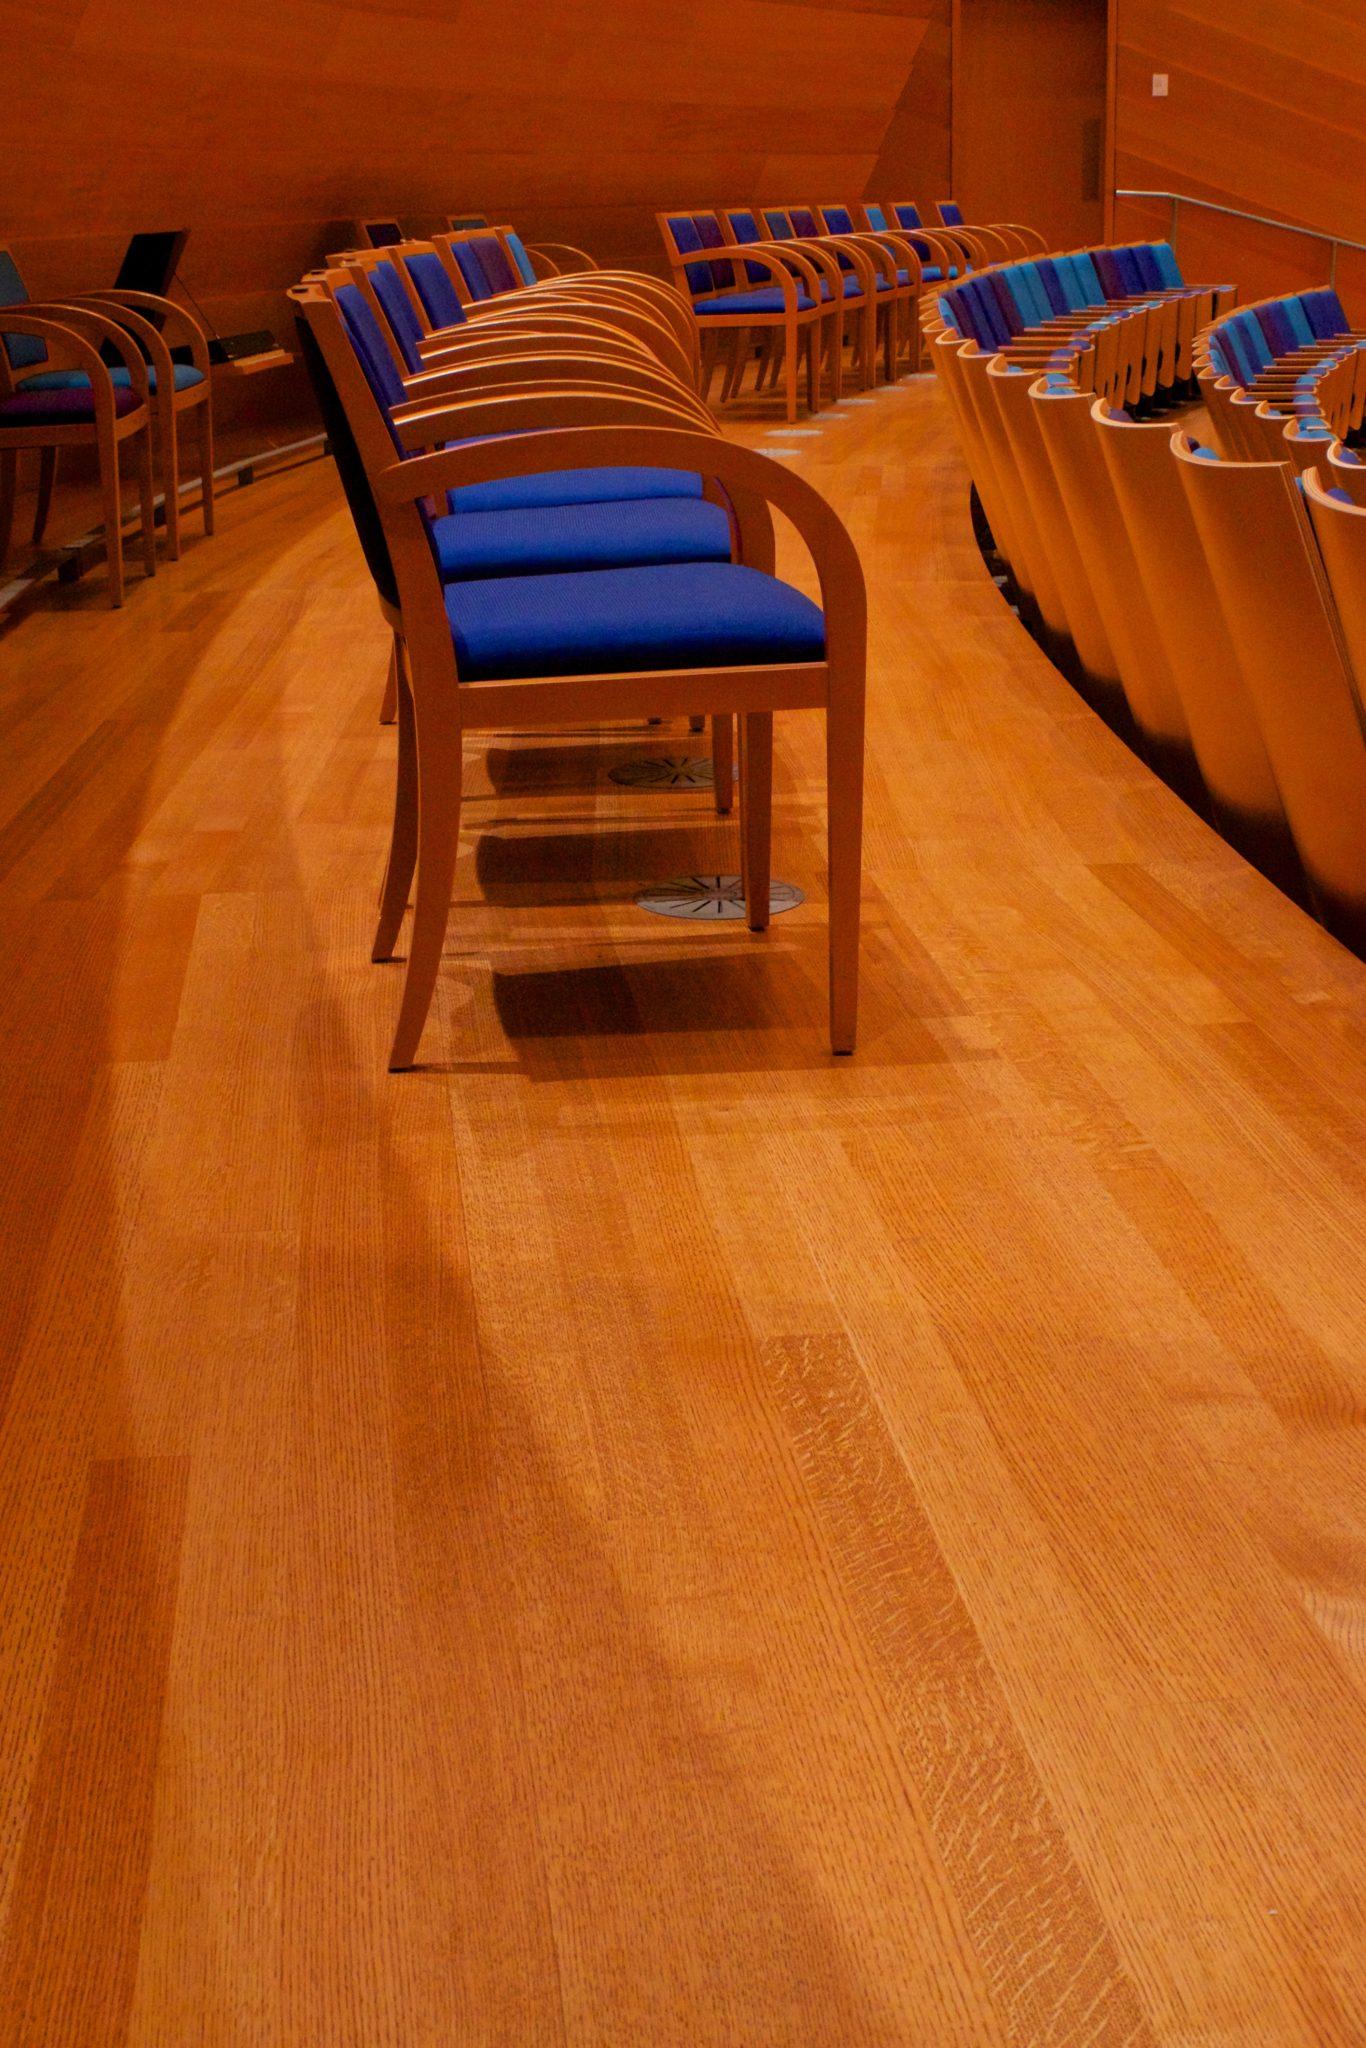 kauffman-chairs